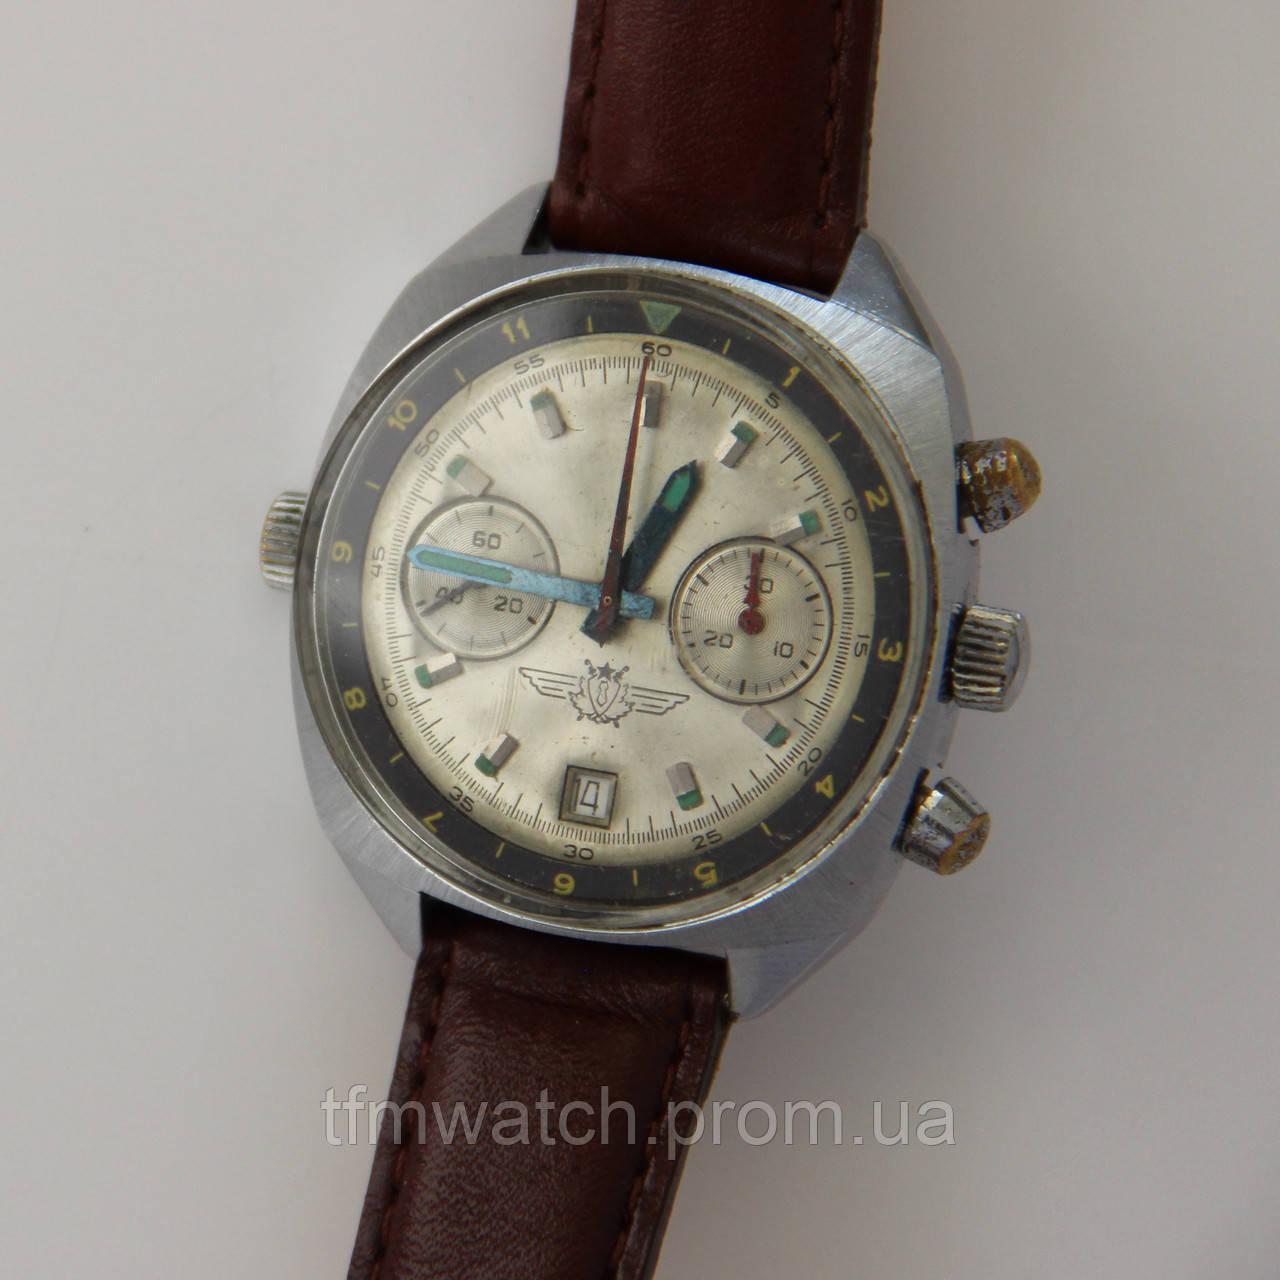 Штурманские часы 3133 купить часы русские скелетон